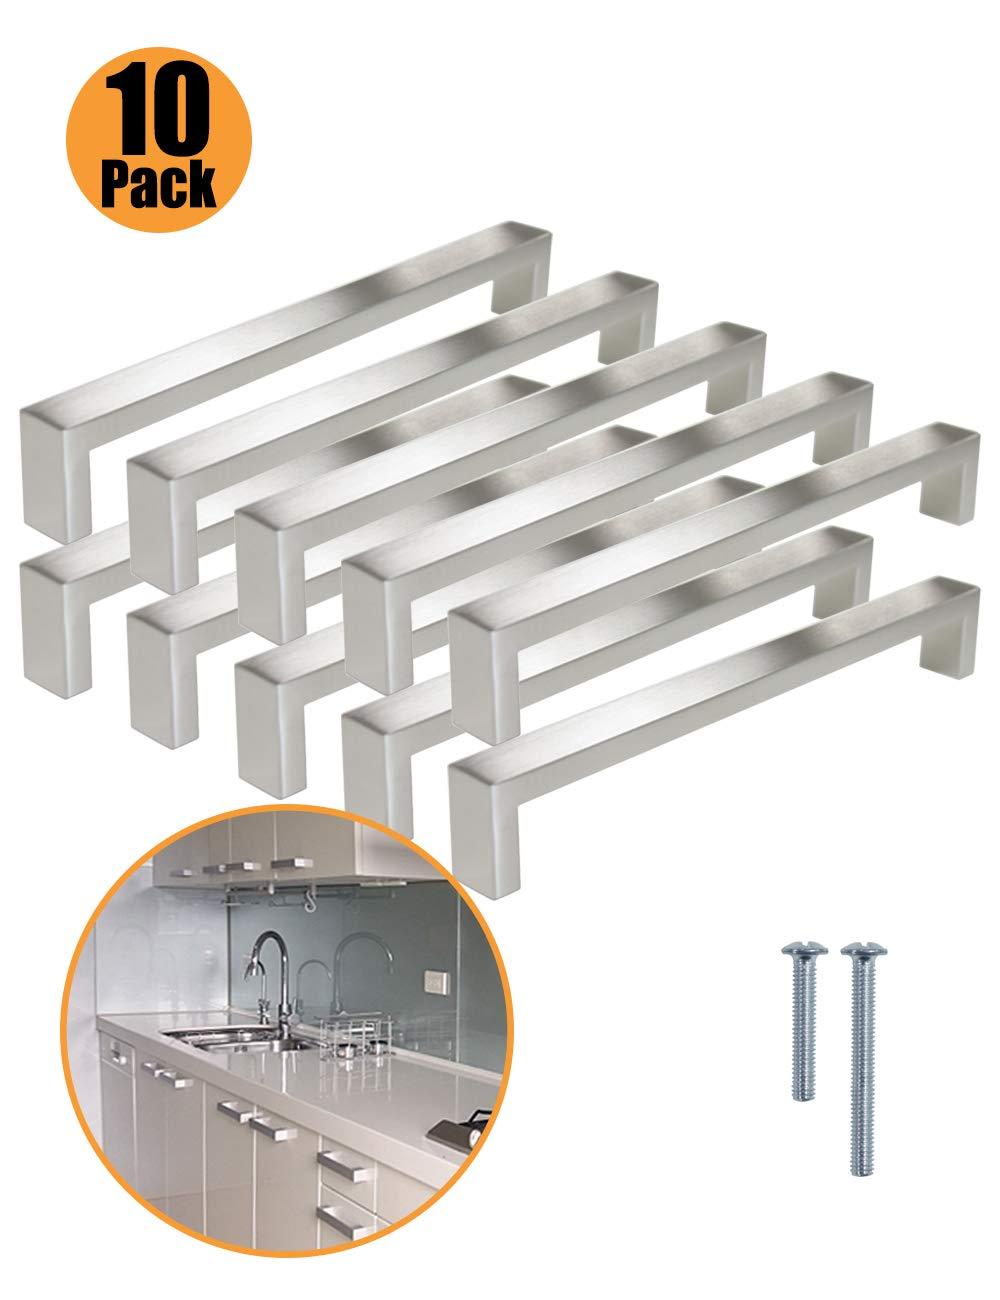 tiradores de armario acero inoxidable cepillado tornillos incluidos plateado PinLin PIC Pack manijas para puerta de cocina